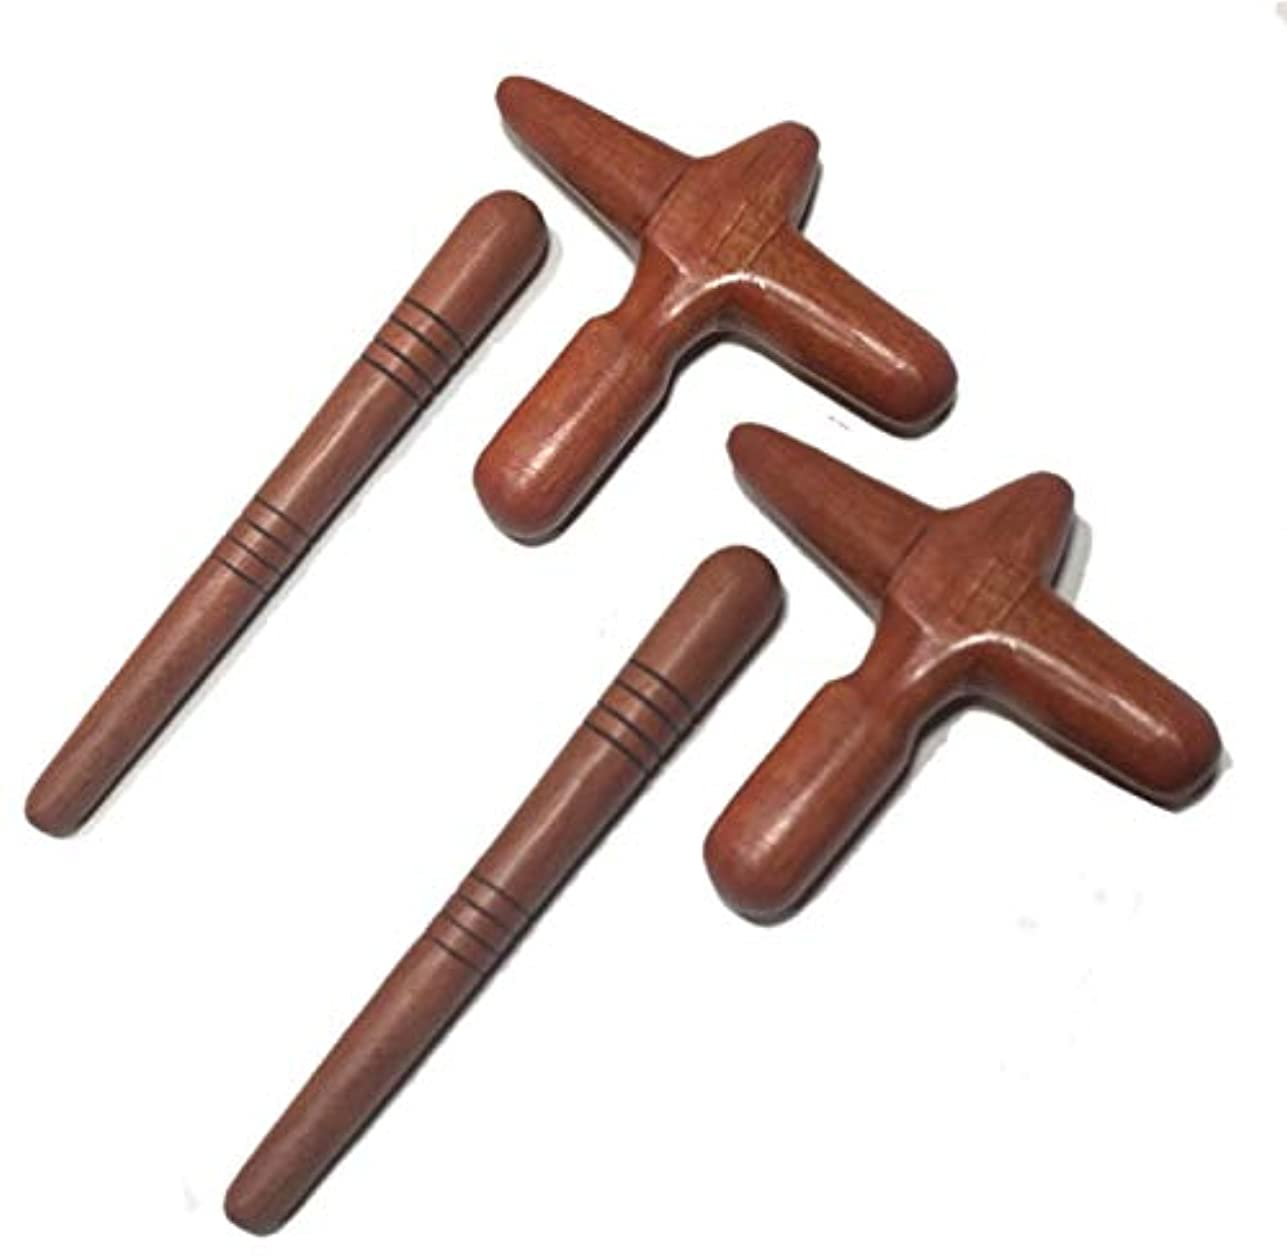 レシピズーム保守可能木製 ツボ押し棒 2種類×2セット 足裏マッサージ棒 足つぼ フットマッサージ棒 (2)